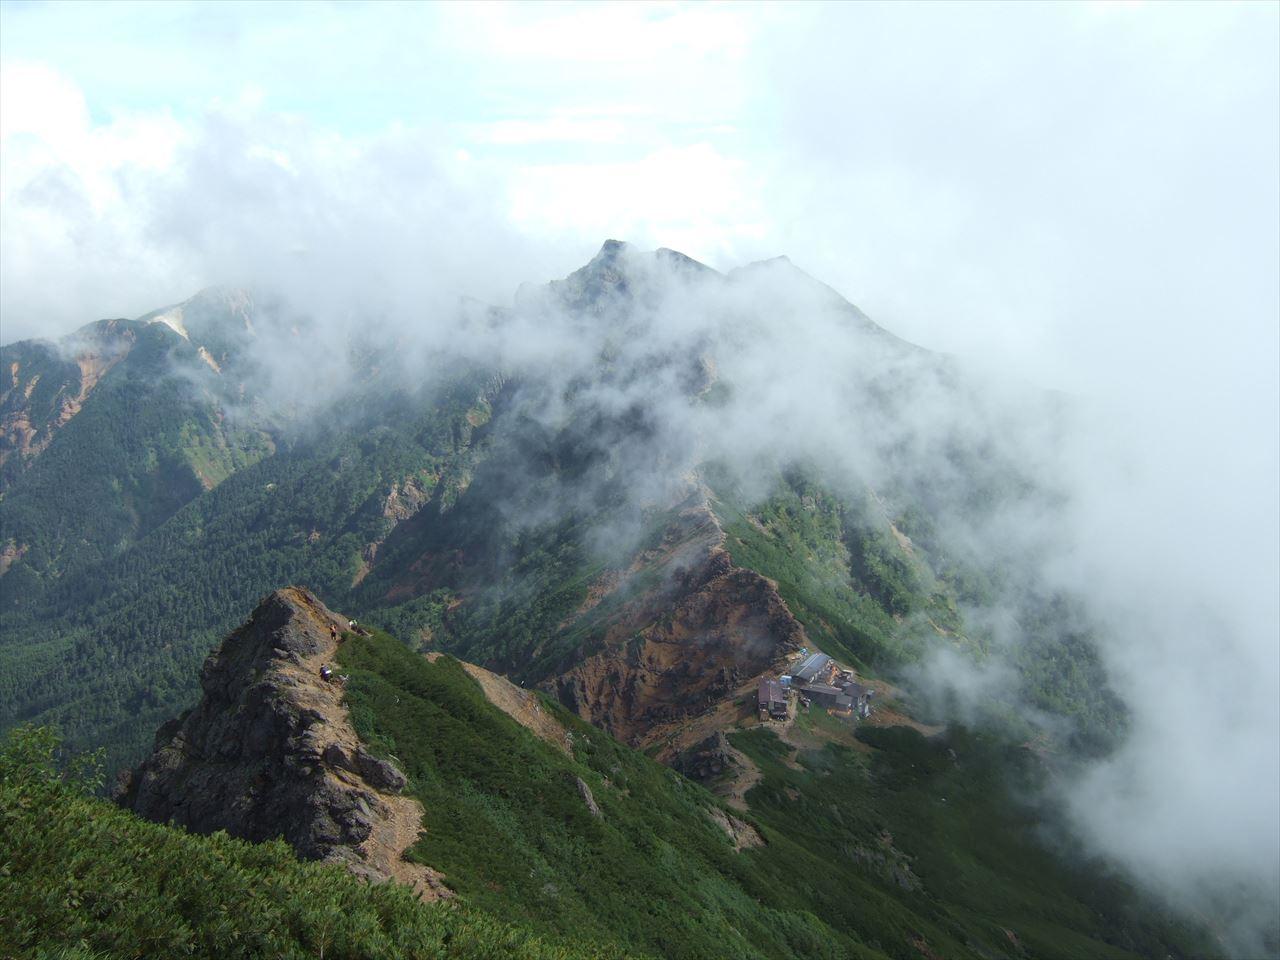 赤岳(八ヶ岳)  テント泊登山 かくも険しく美しい岩稜の主峰へ(2015.8.16)